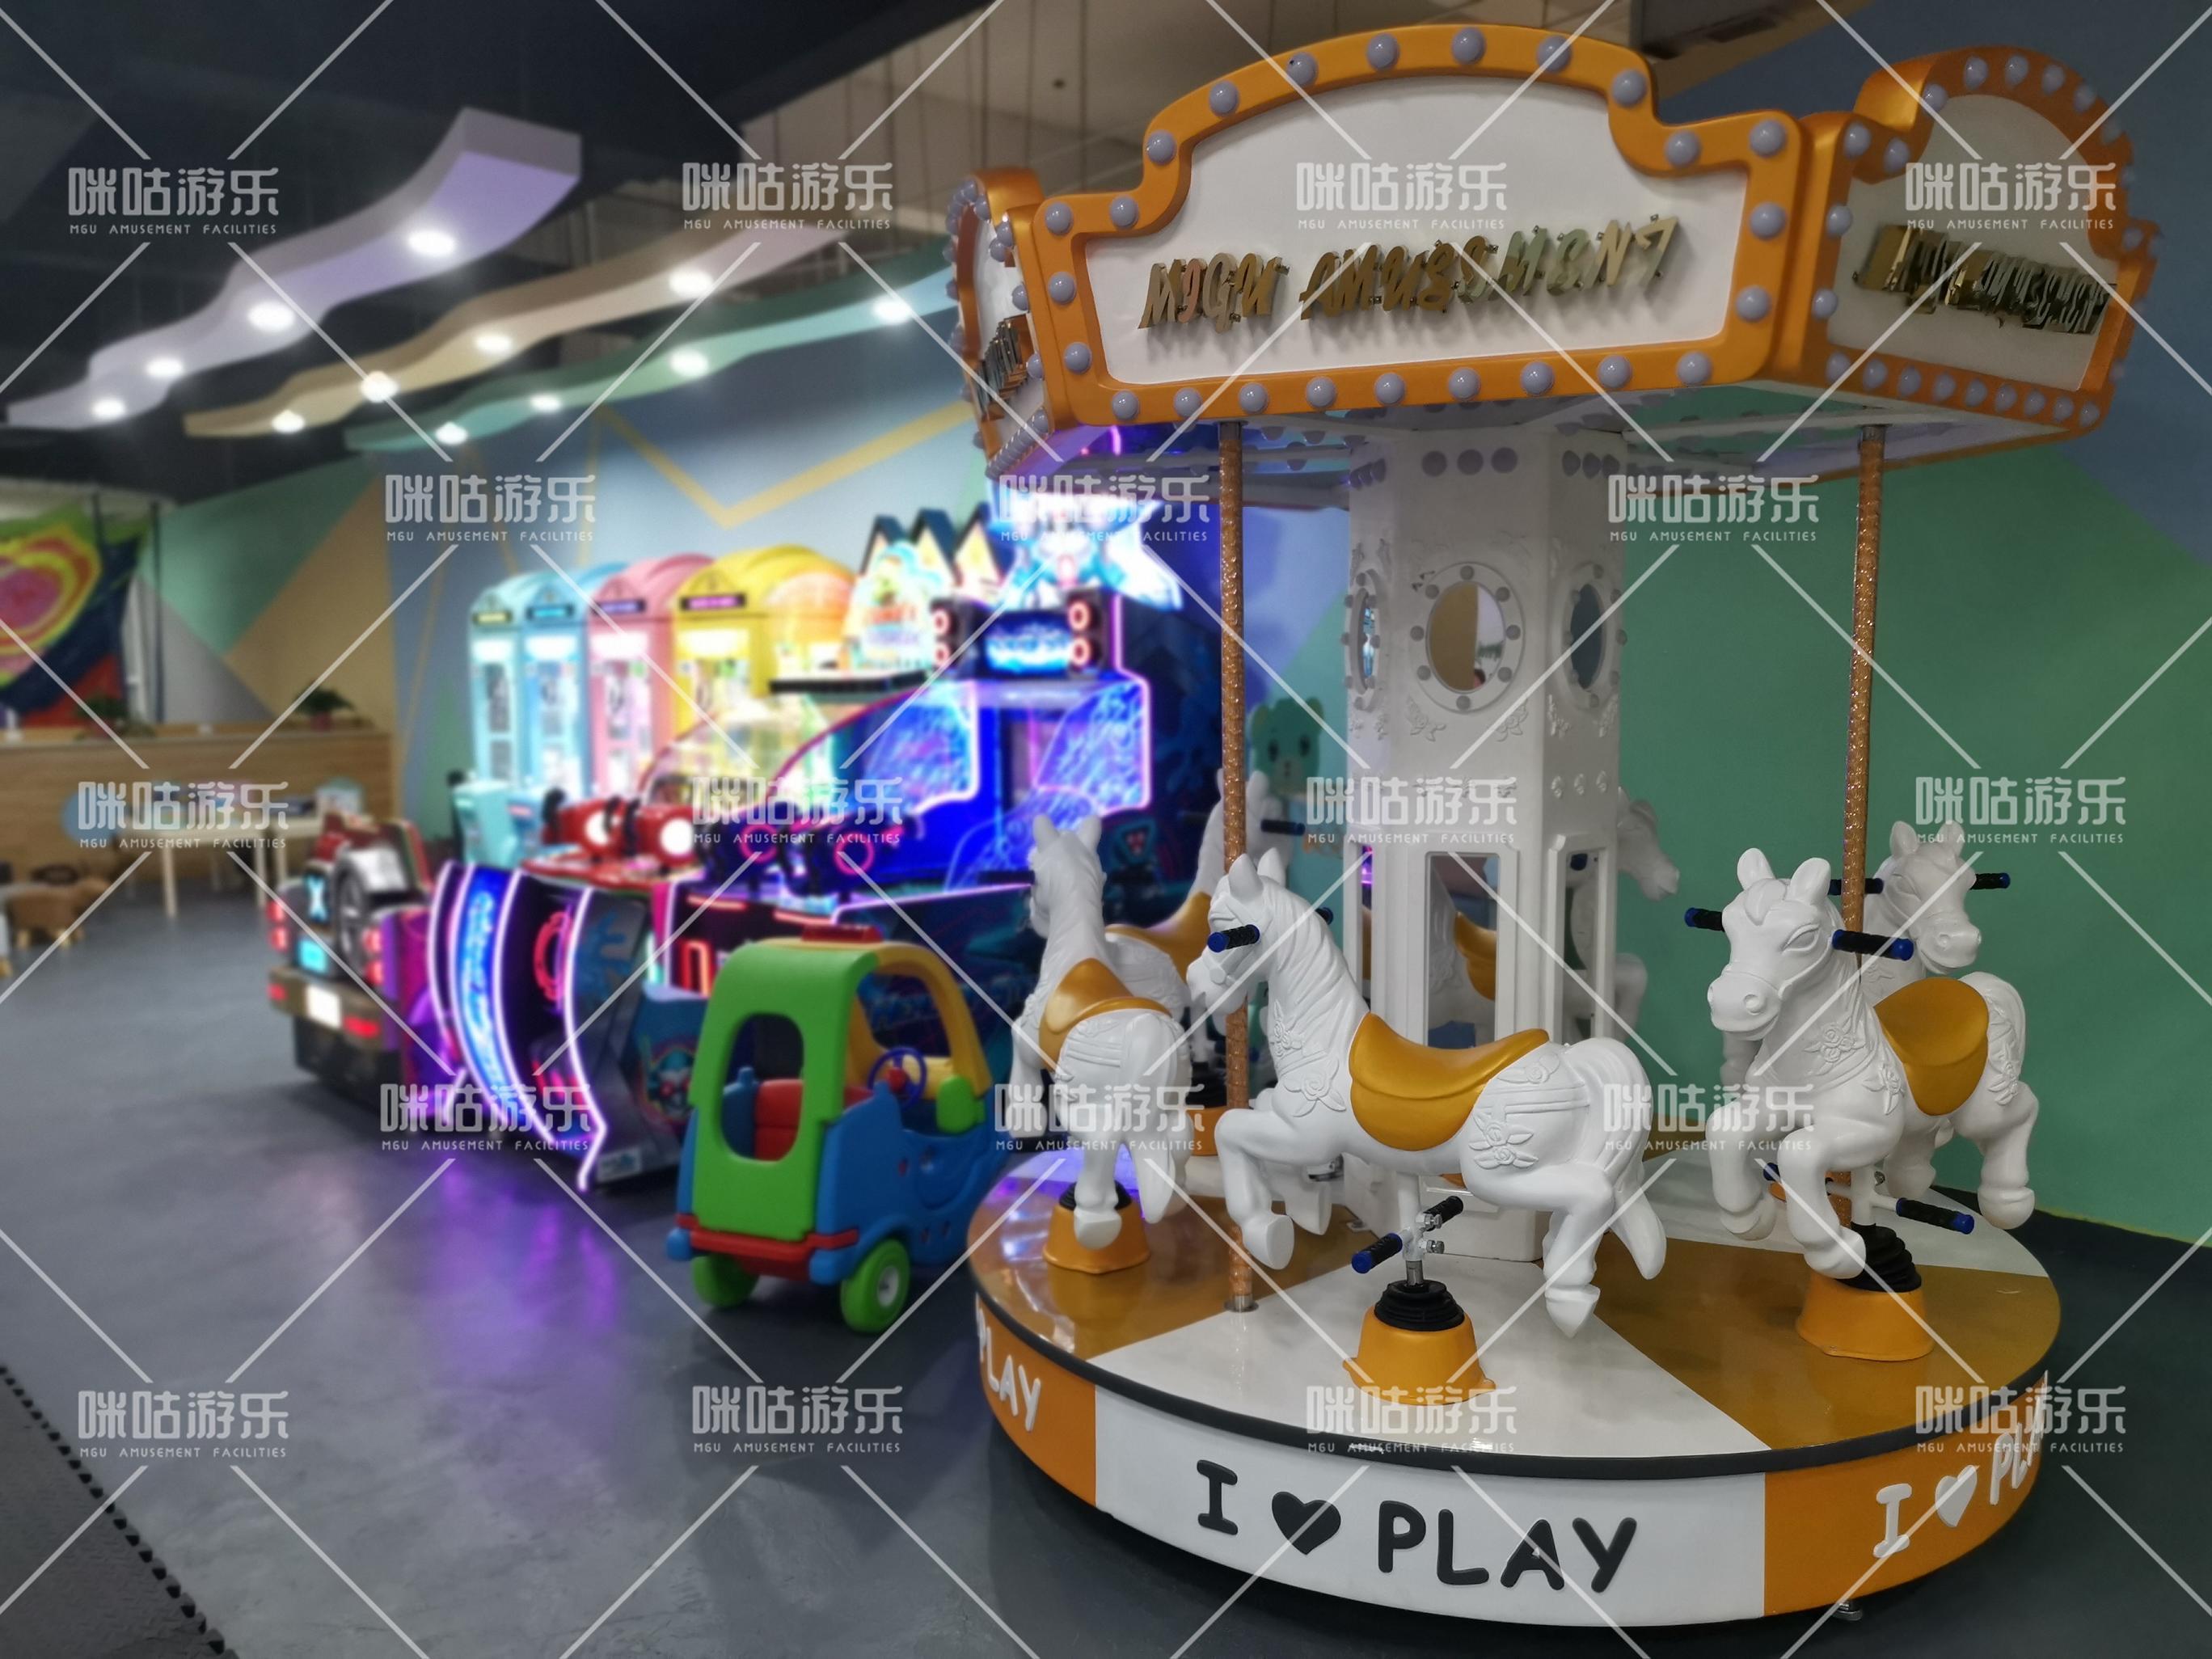 微信图片_20200429155907.jpg 武威儿童游乐园加盟品牌 加盟资讯 游乐设备第3张